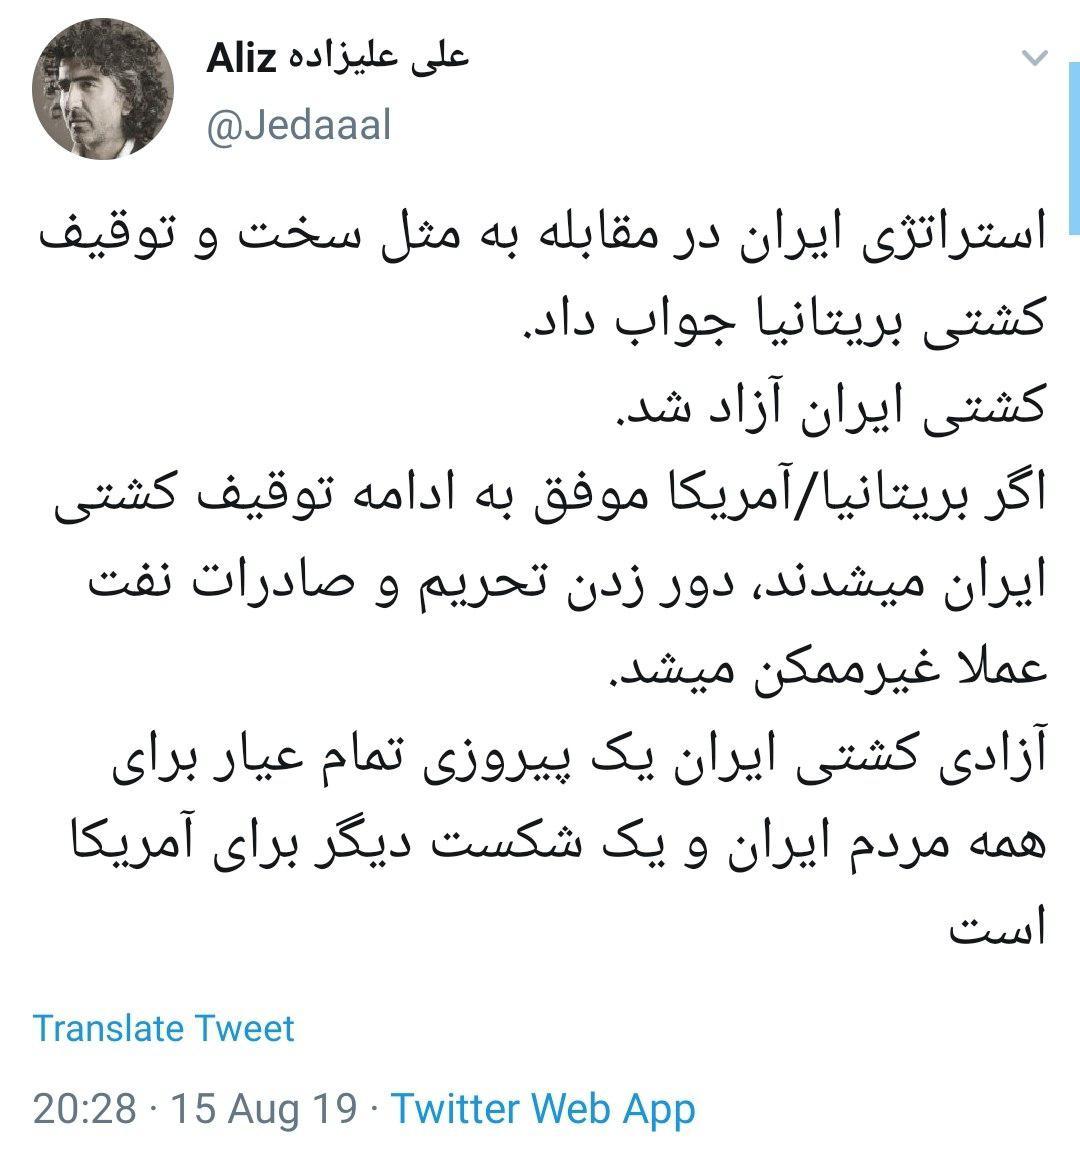 آزادی کشتی ایران یک پیروزی تمام عیار برای همه مردم ایران و یک شکست دیگر برای آمریکا +عکس